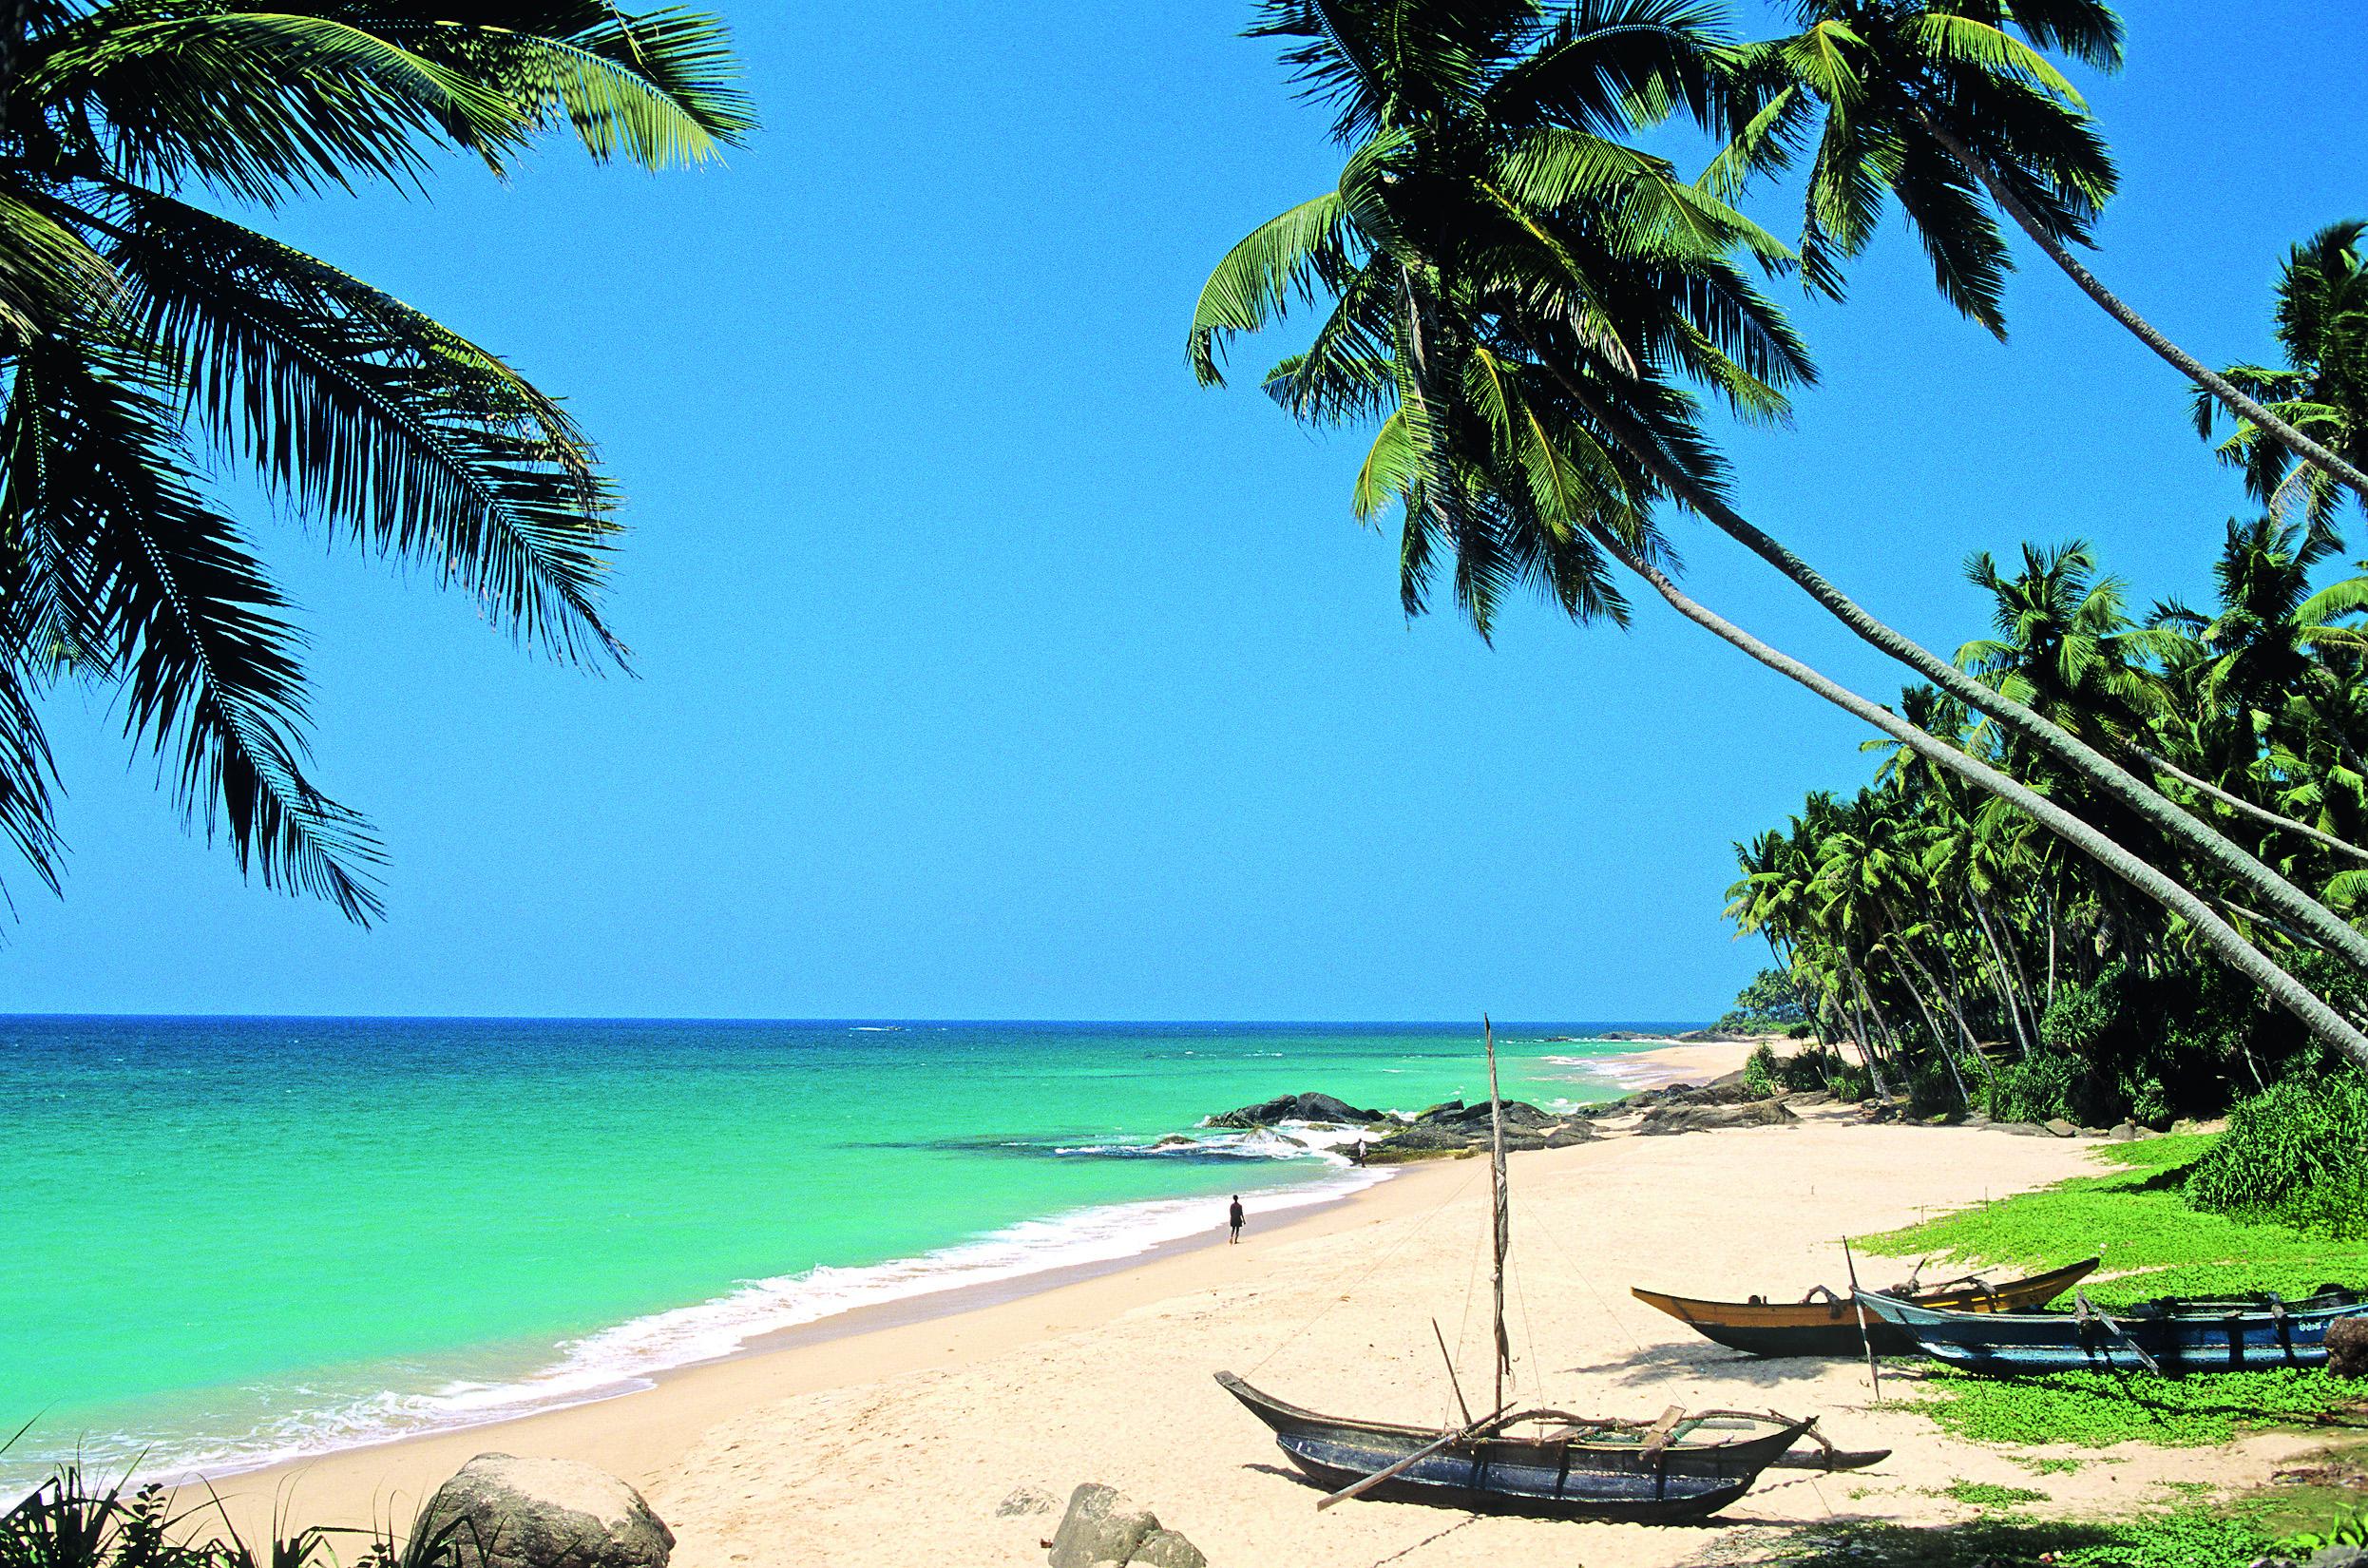 Guia de viagens do Sri Lanka: como ir por conta própria, descanse no sri lanka, preços, atrações, avaliações, foto | a vida é como uma jornada